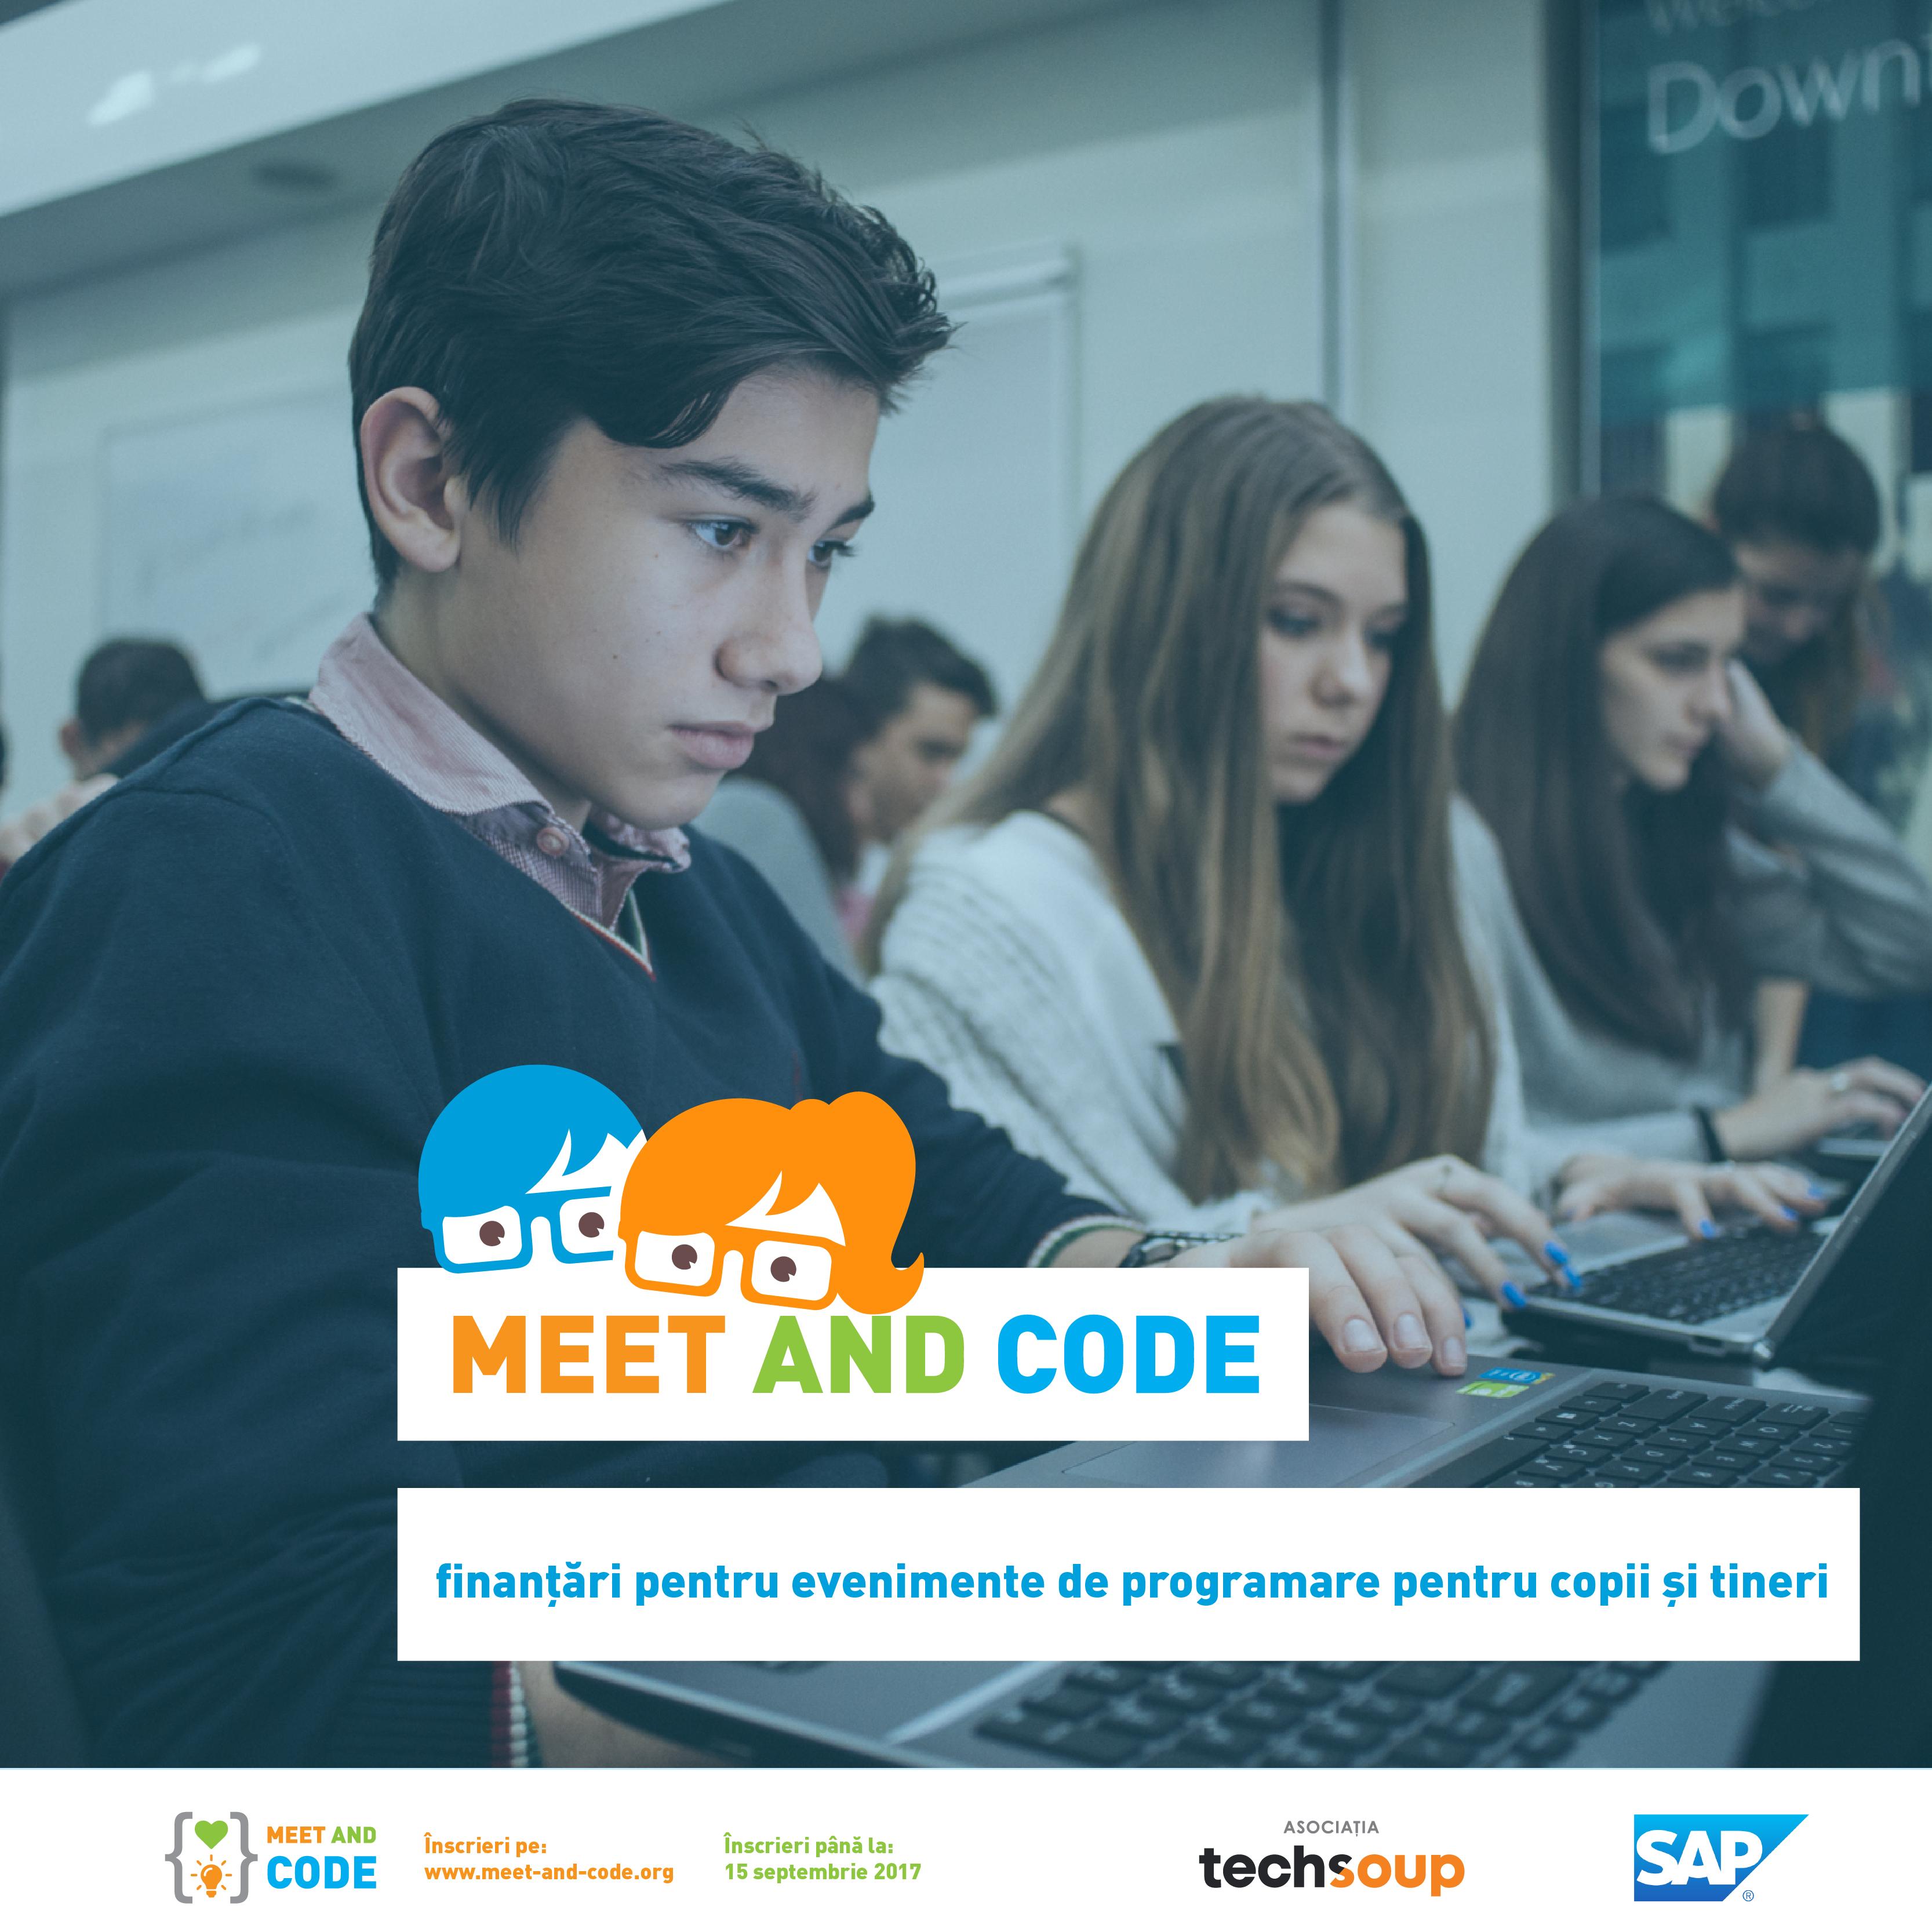 Ultimele 2 săptămâni pentru a propune un eveniment de programare în cadrul inițiativei Meet and Code